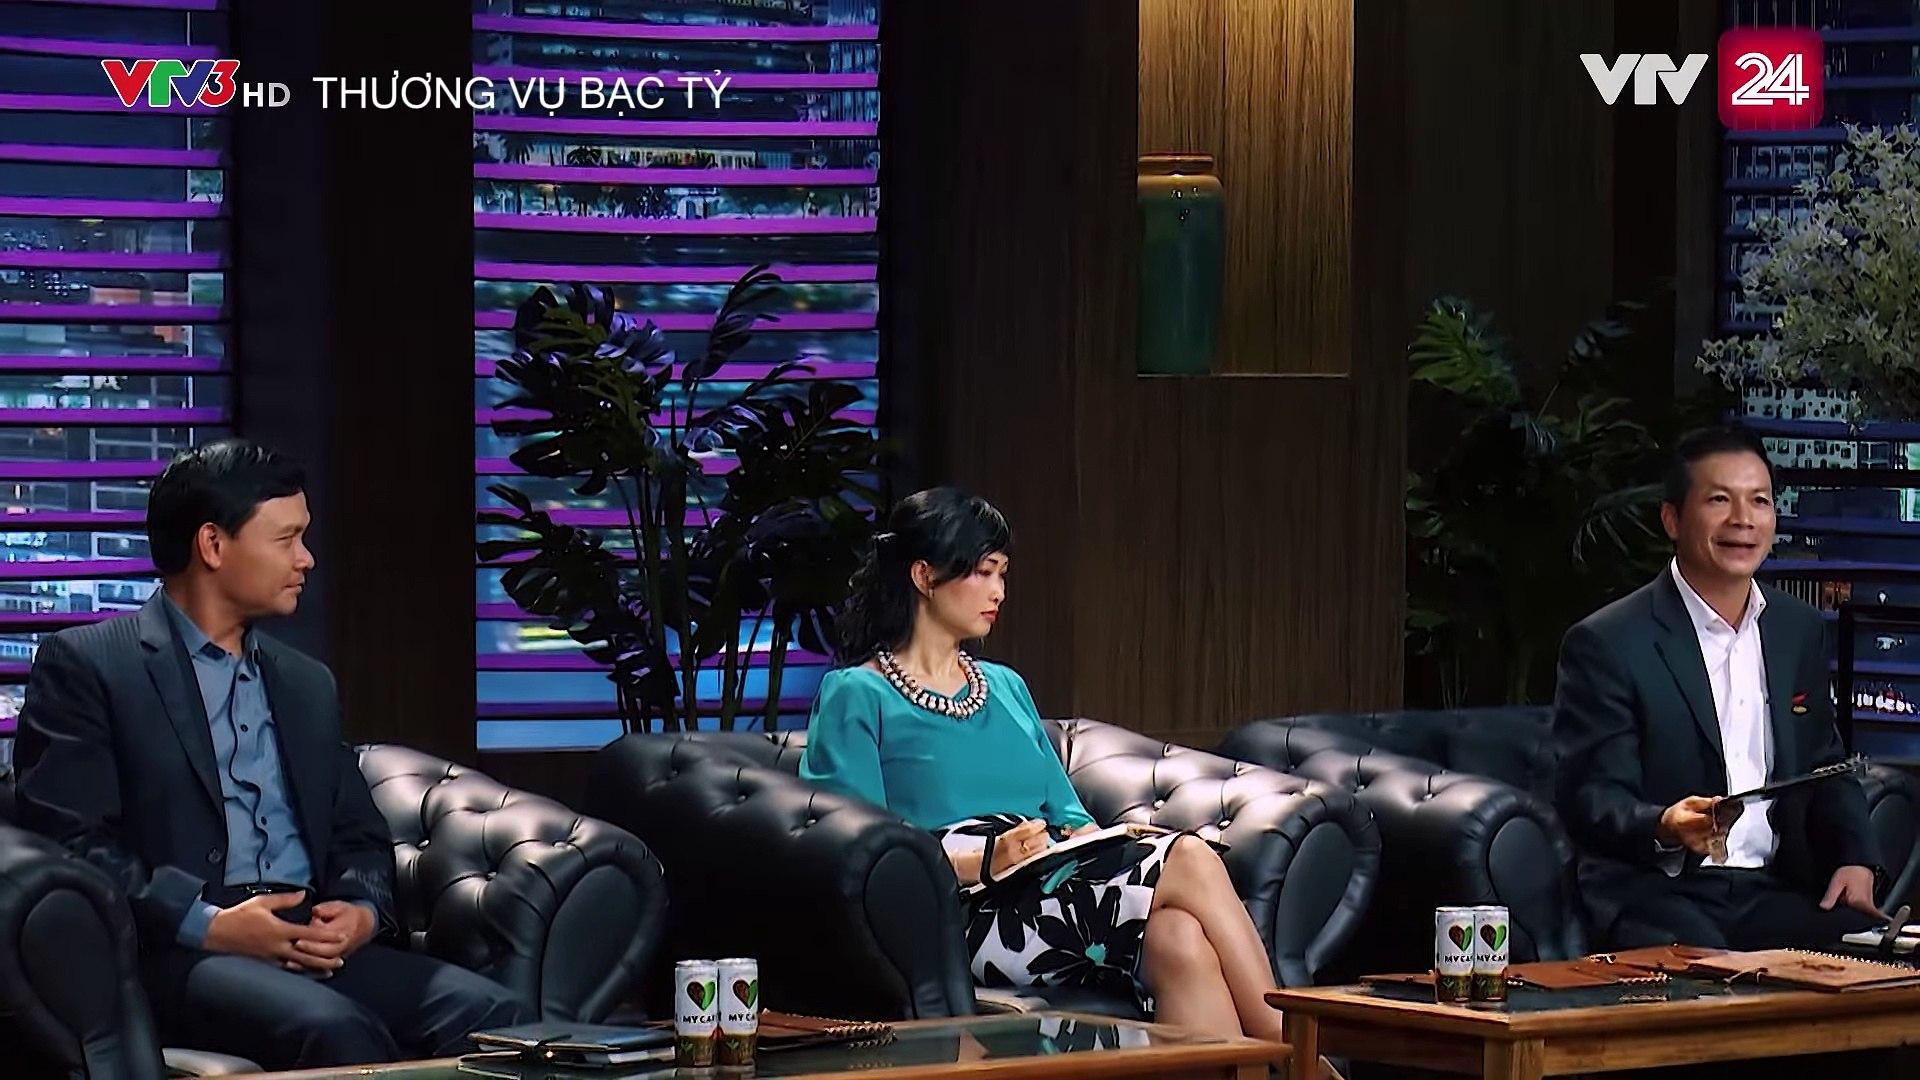 Thương Vụ Bạc Tỷ Tập 14 FULL HD l Shark Tank Việt Nam l HOA HẬU THỂ THAO GỌI VỐN SHARK TANK -  SHARK